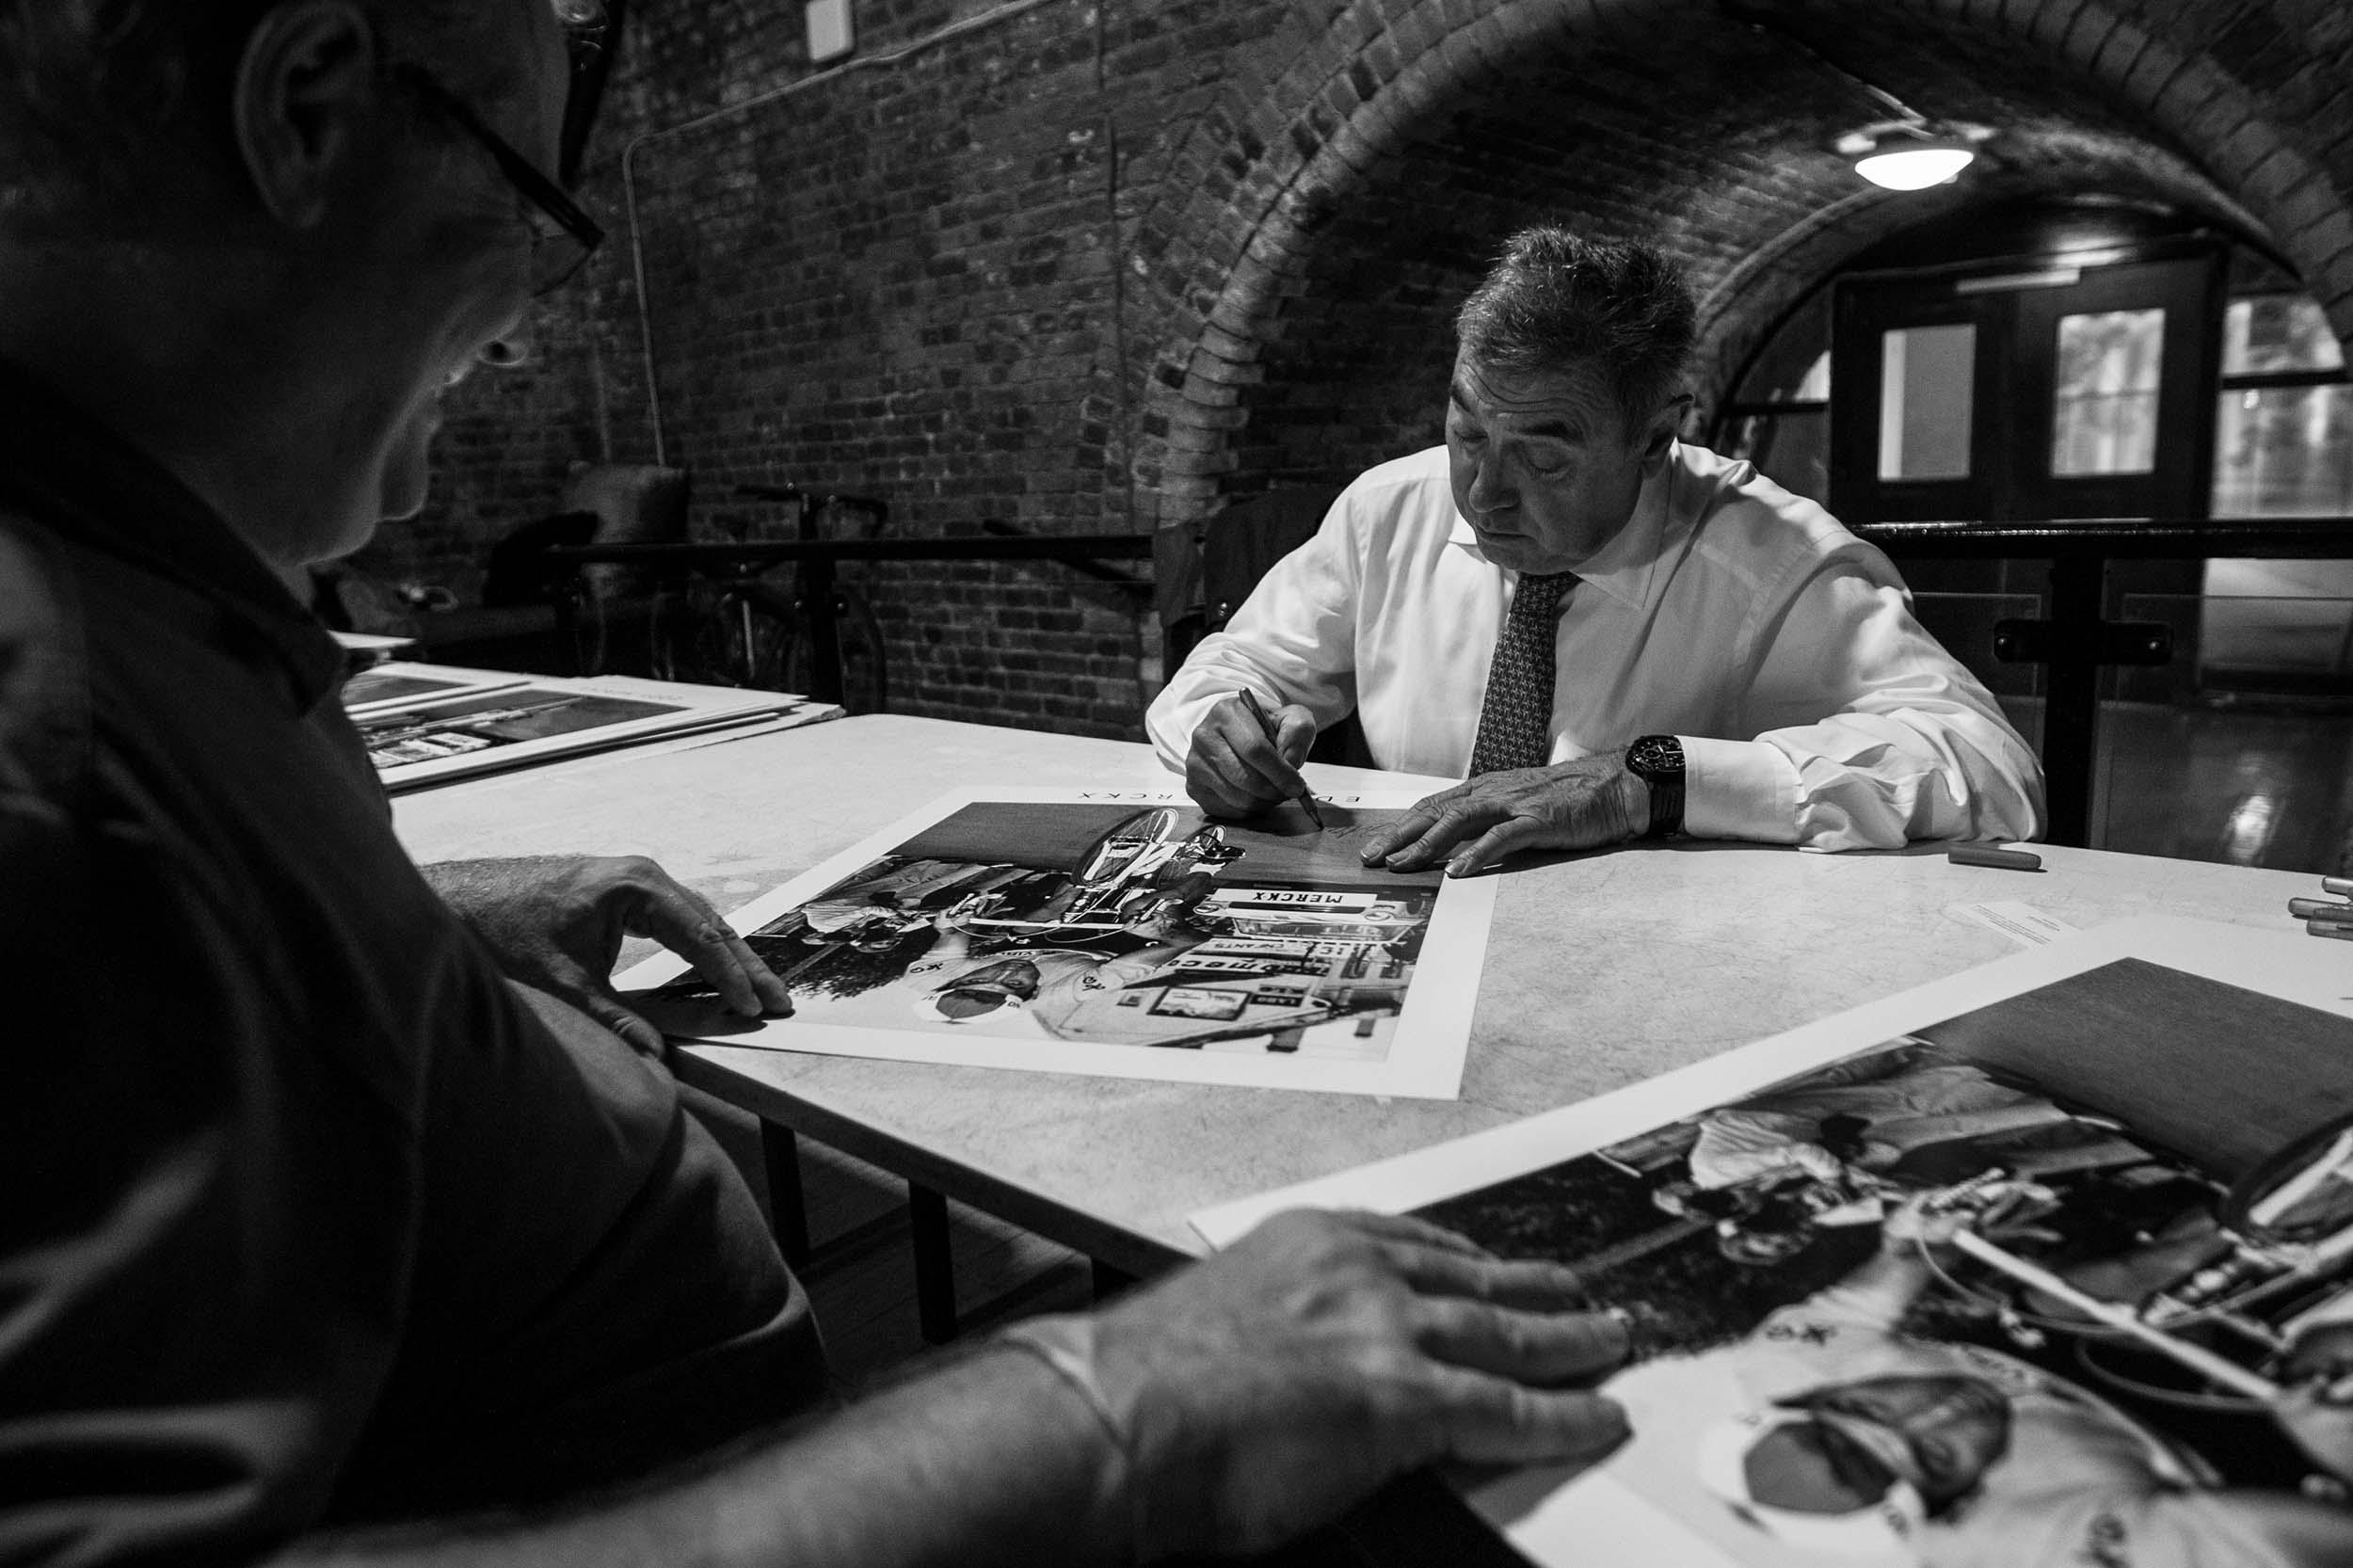 Eddie Merckx signs autographs